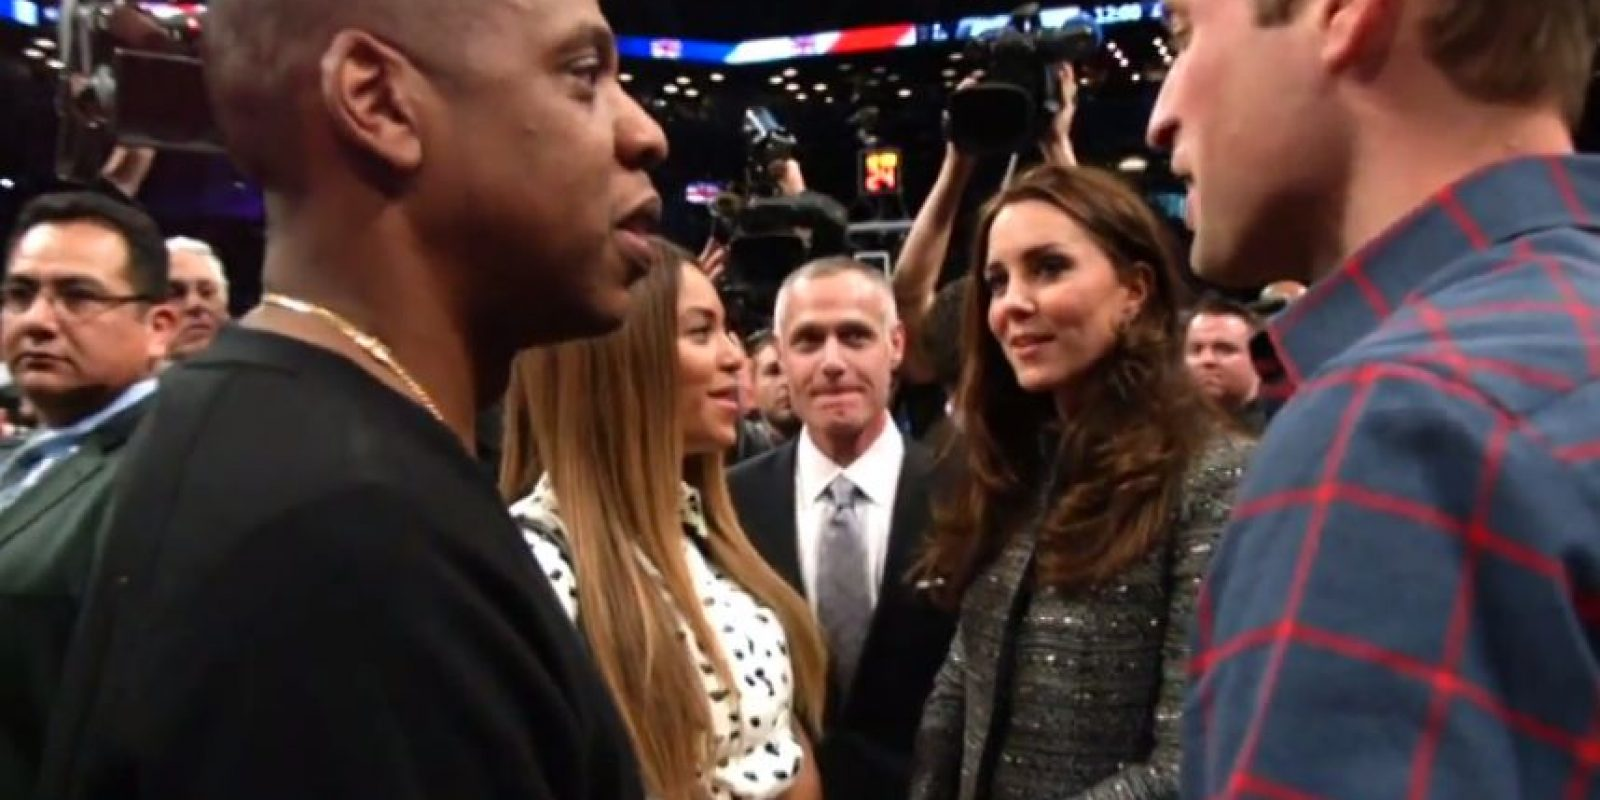 Las parejas asistieron a un partido de la NBA Foto:NBA Highlights